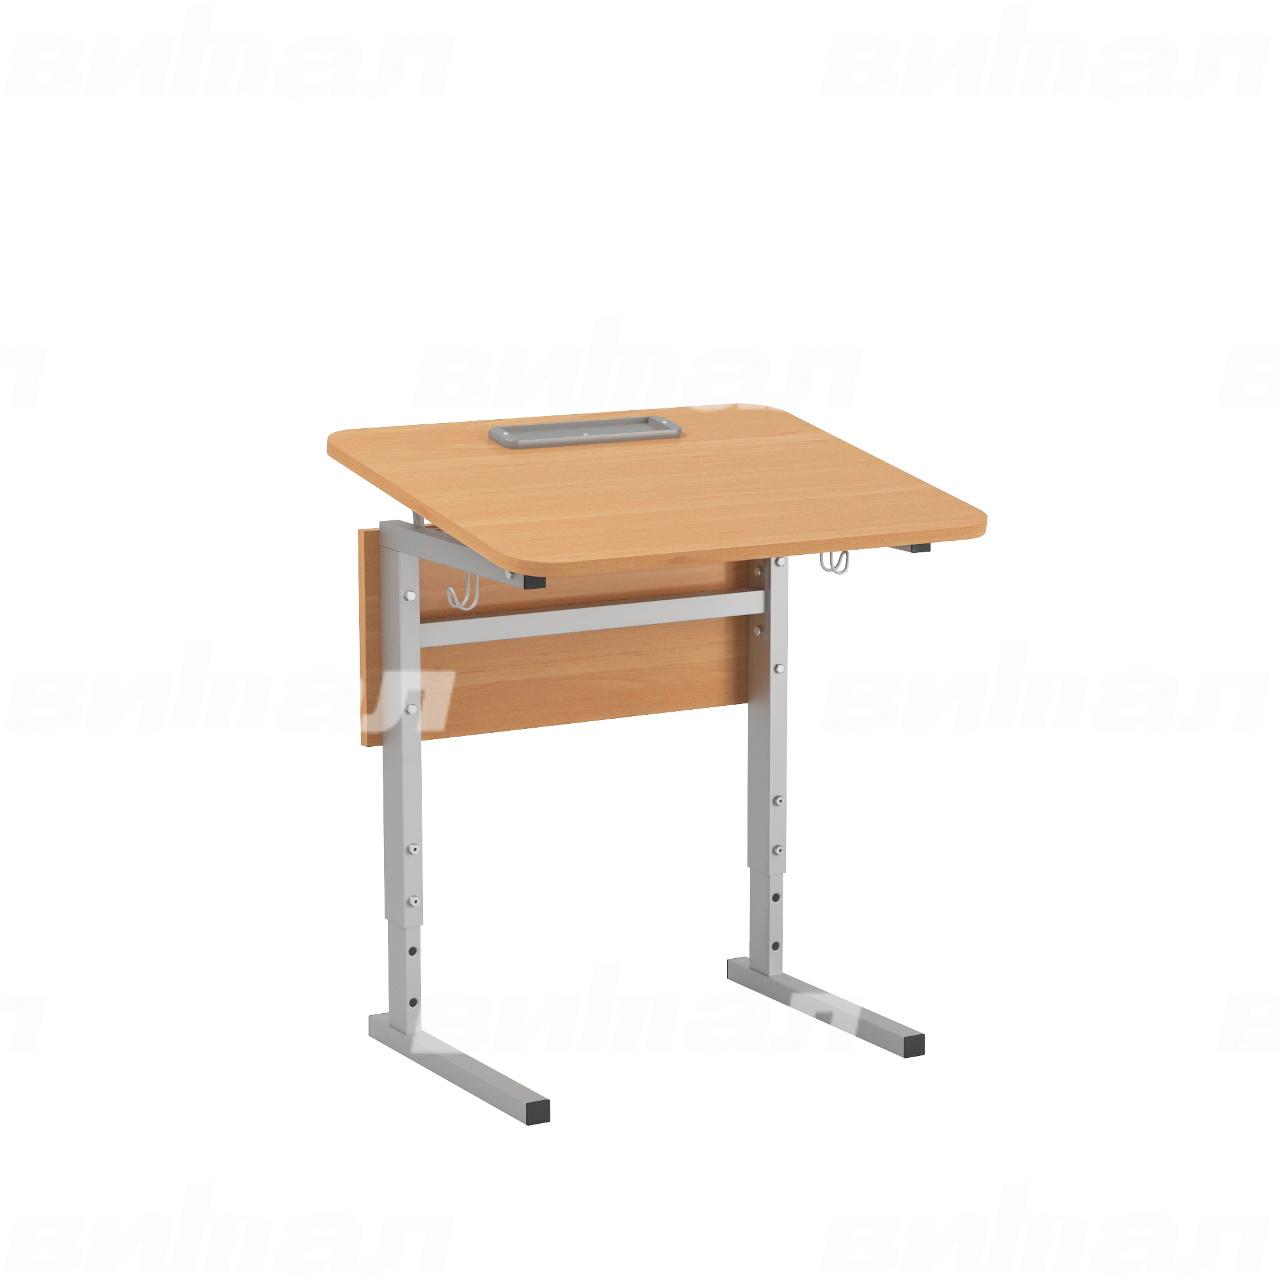 Стол 1-местный регулир. высота и наклон столешницы 0-10° (гр 2-4, 3-5 или 4-6) серый Ольха 2-4 Меламин прямоугольная